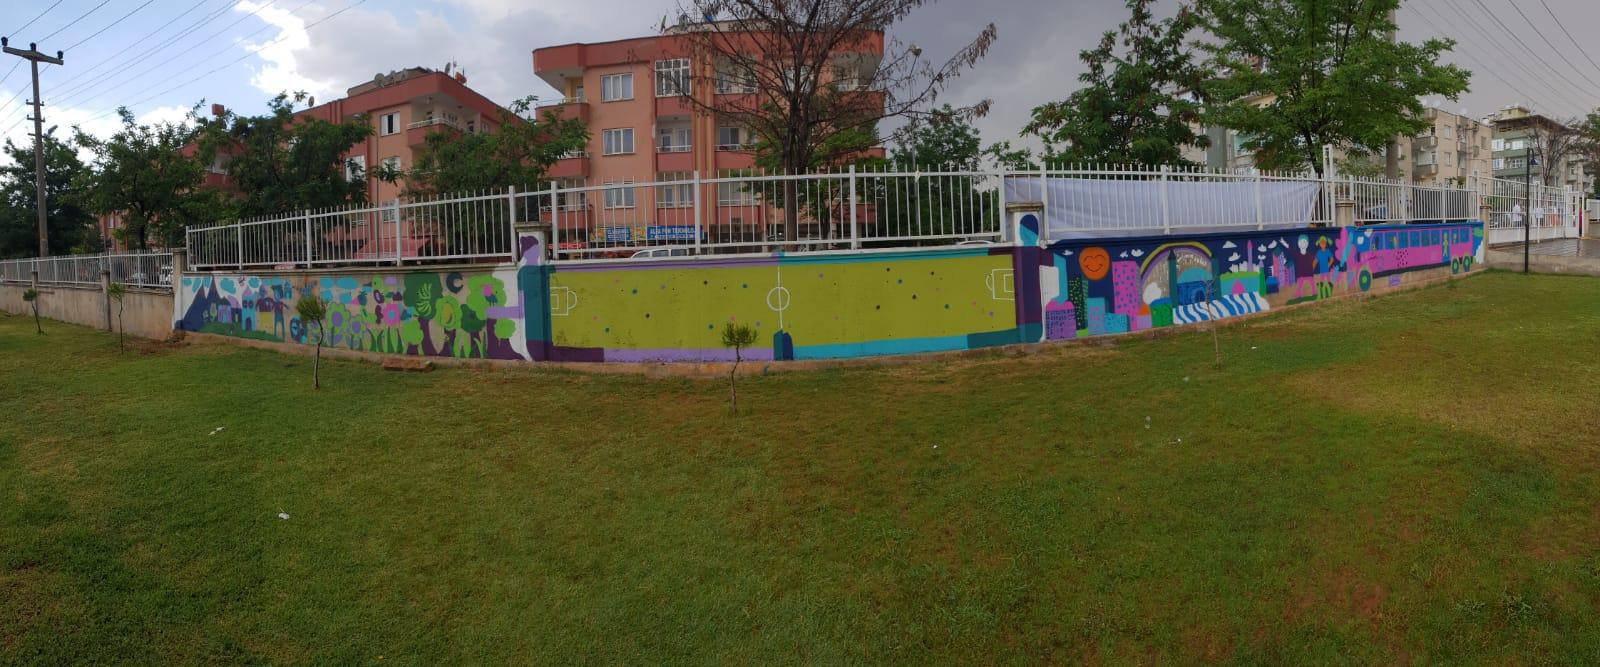 Graffito in Gaziantep